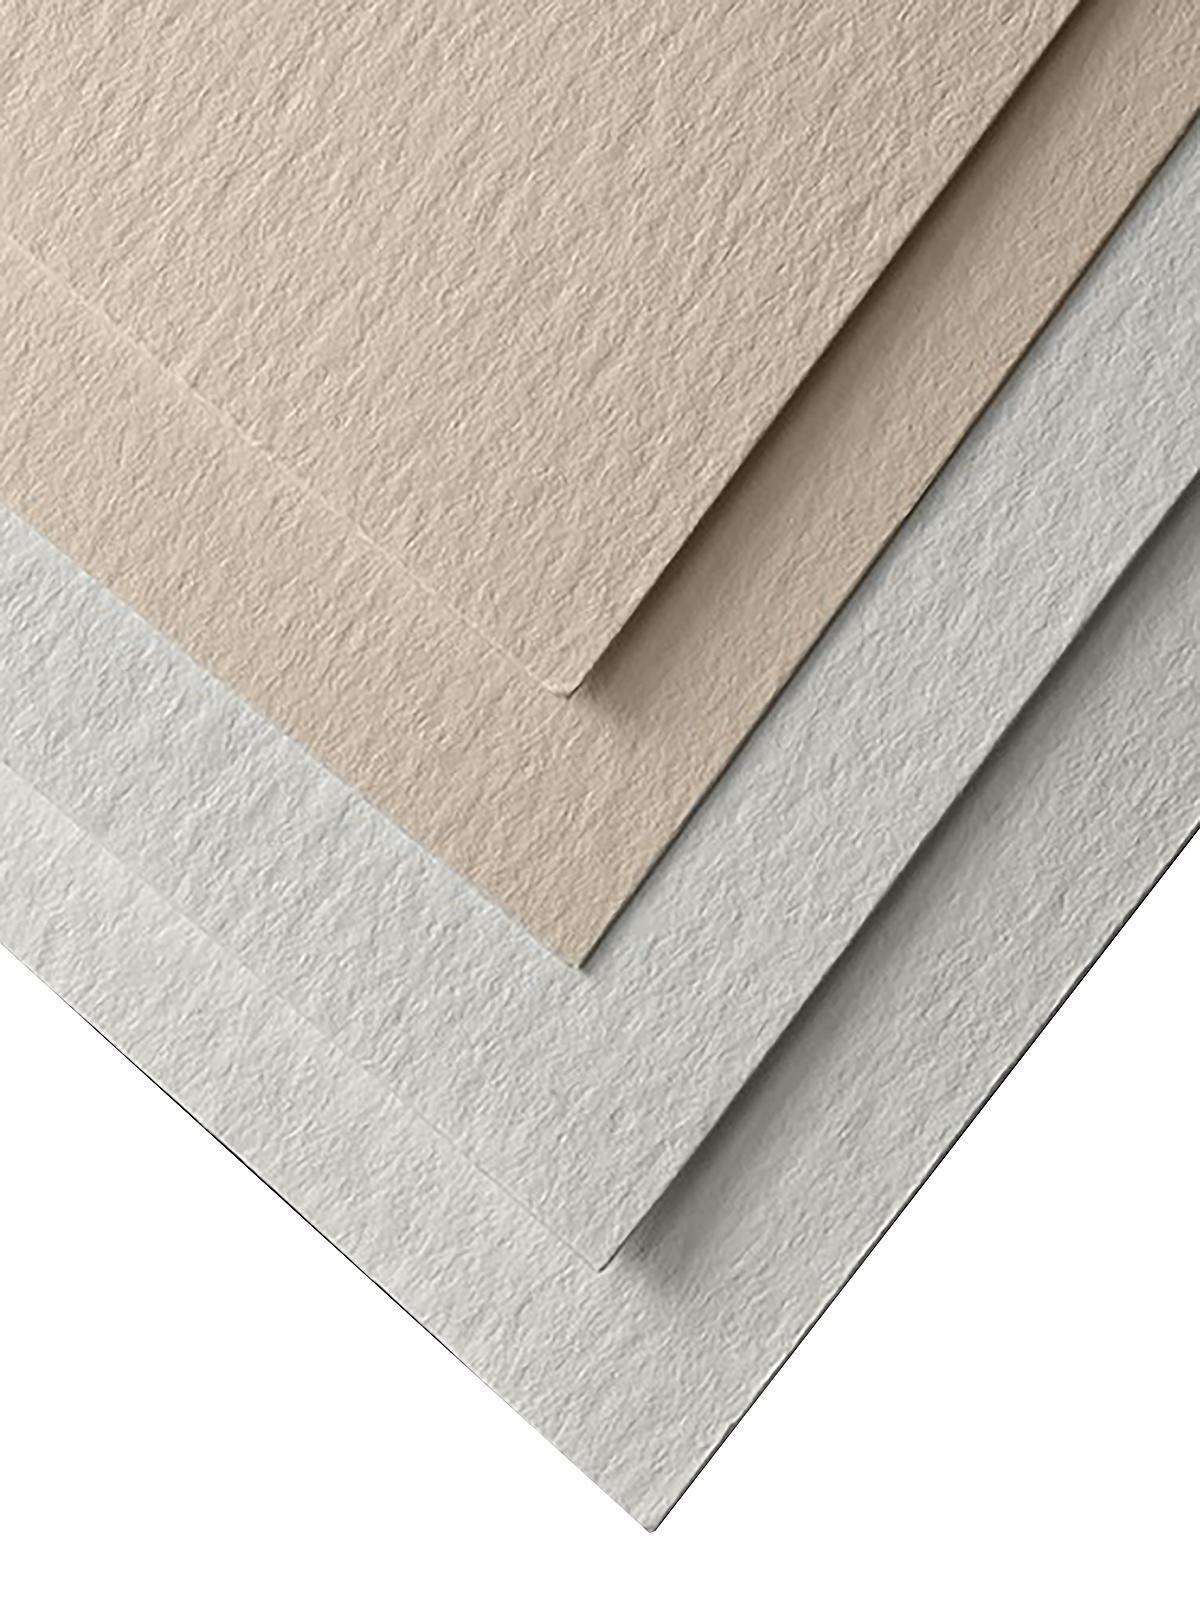 Unica Paper